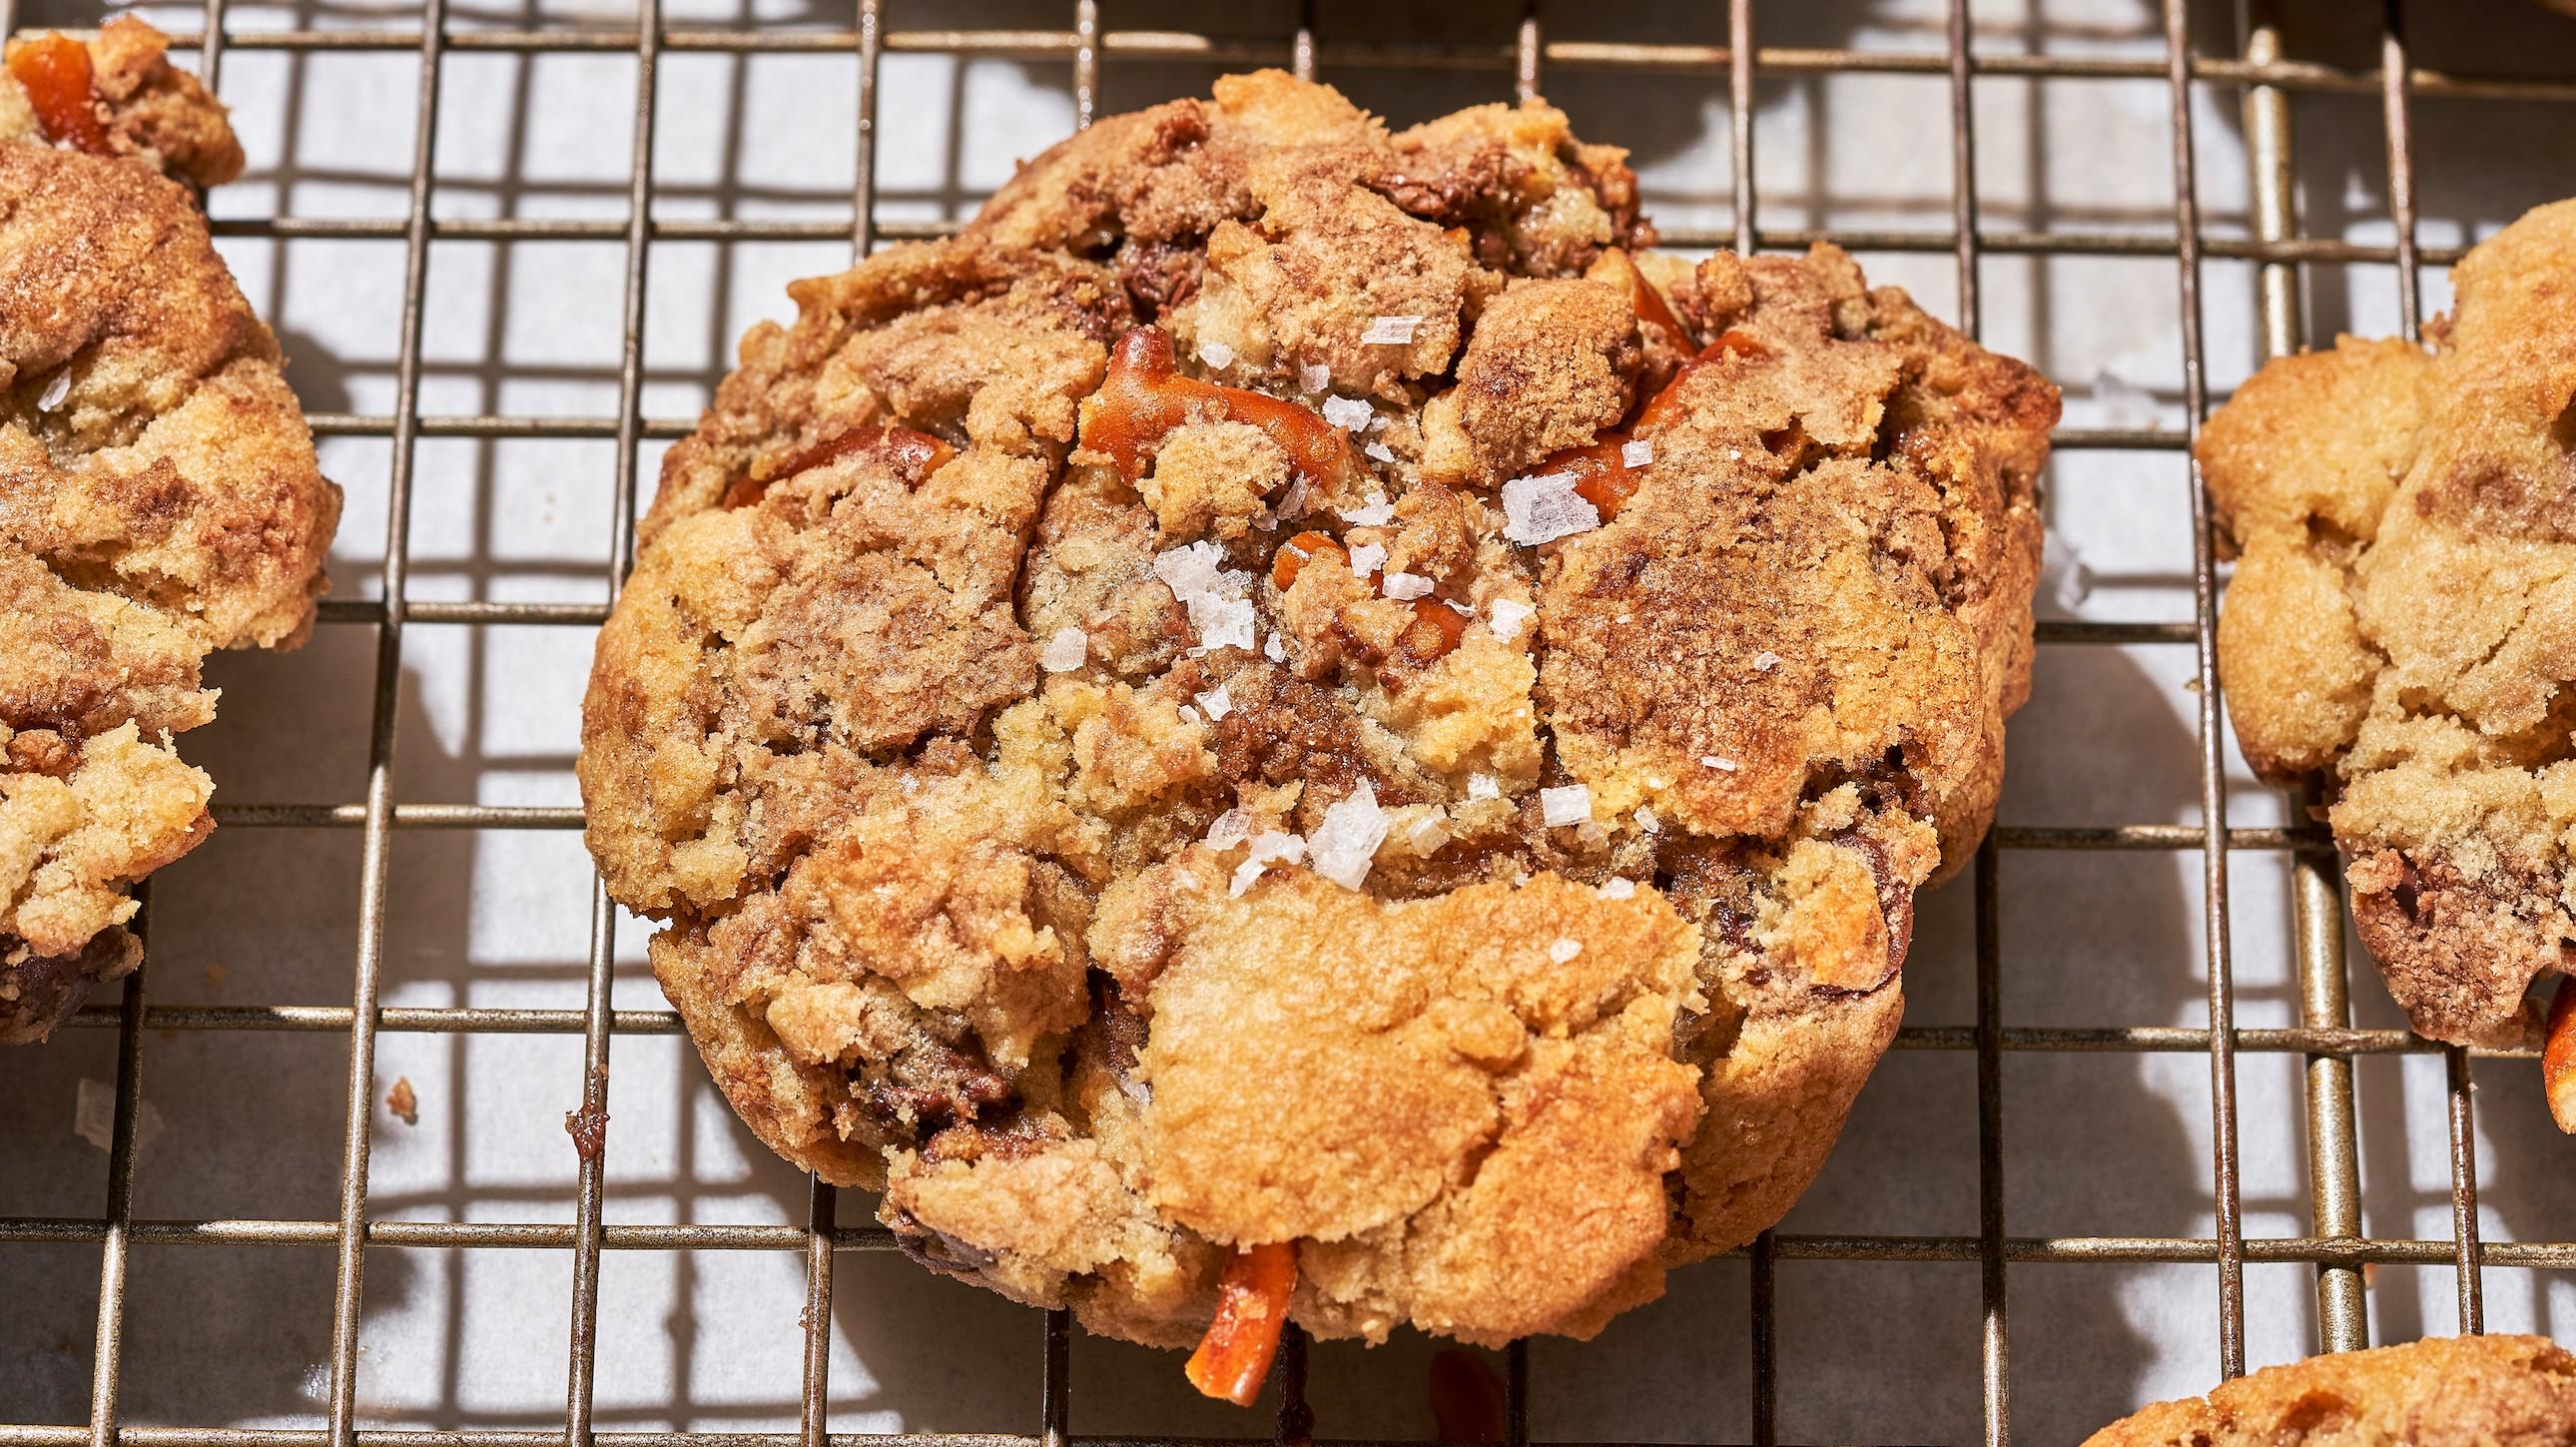 Hazelnut and Pretzel CBD Cookie Recipe